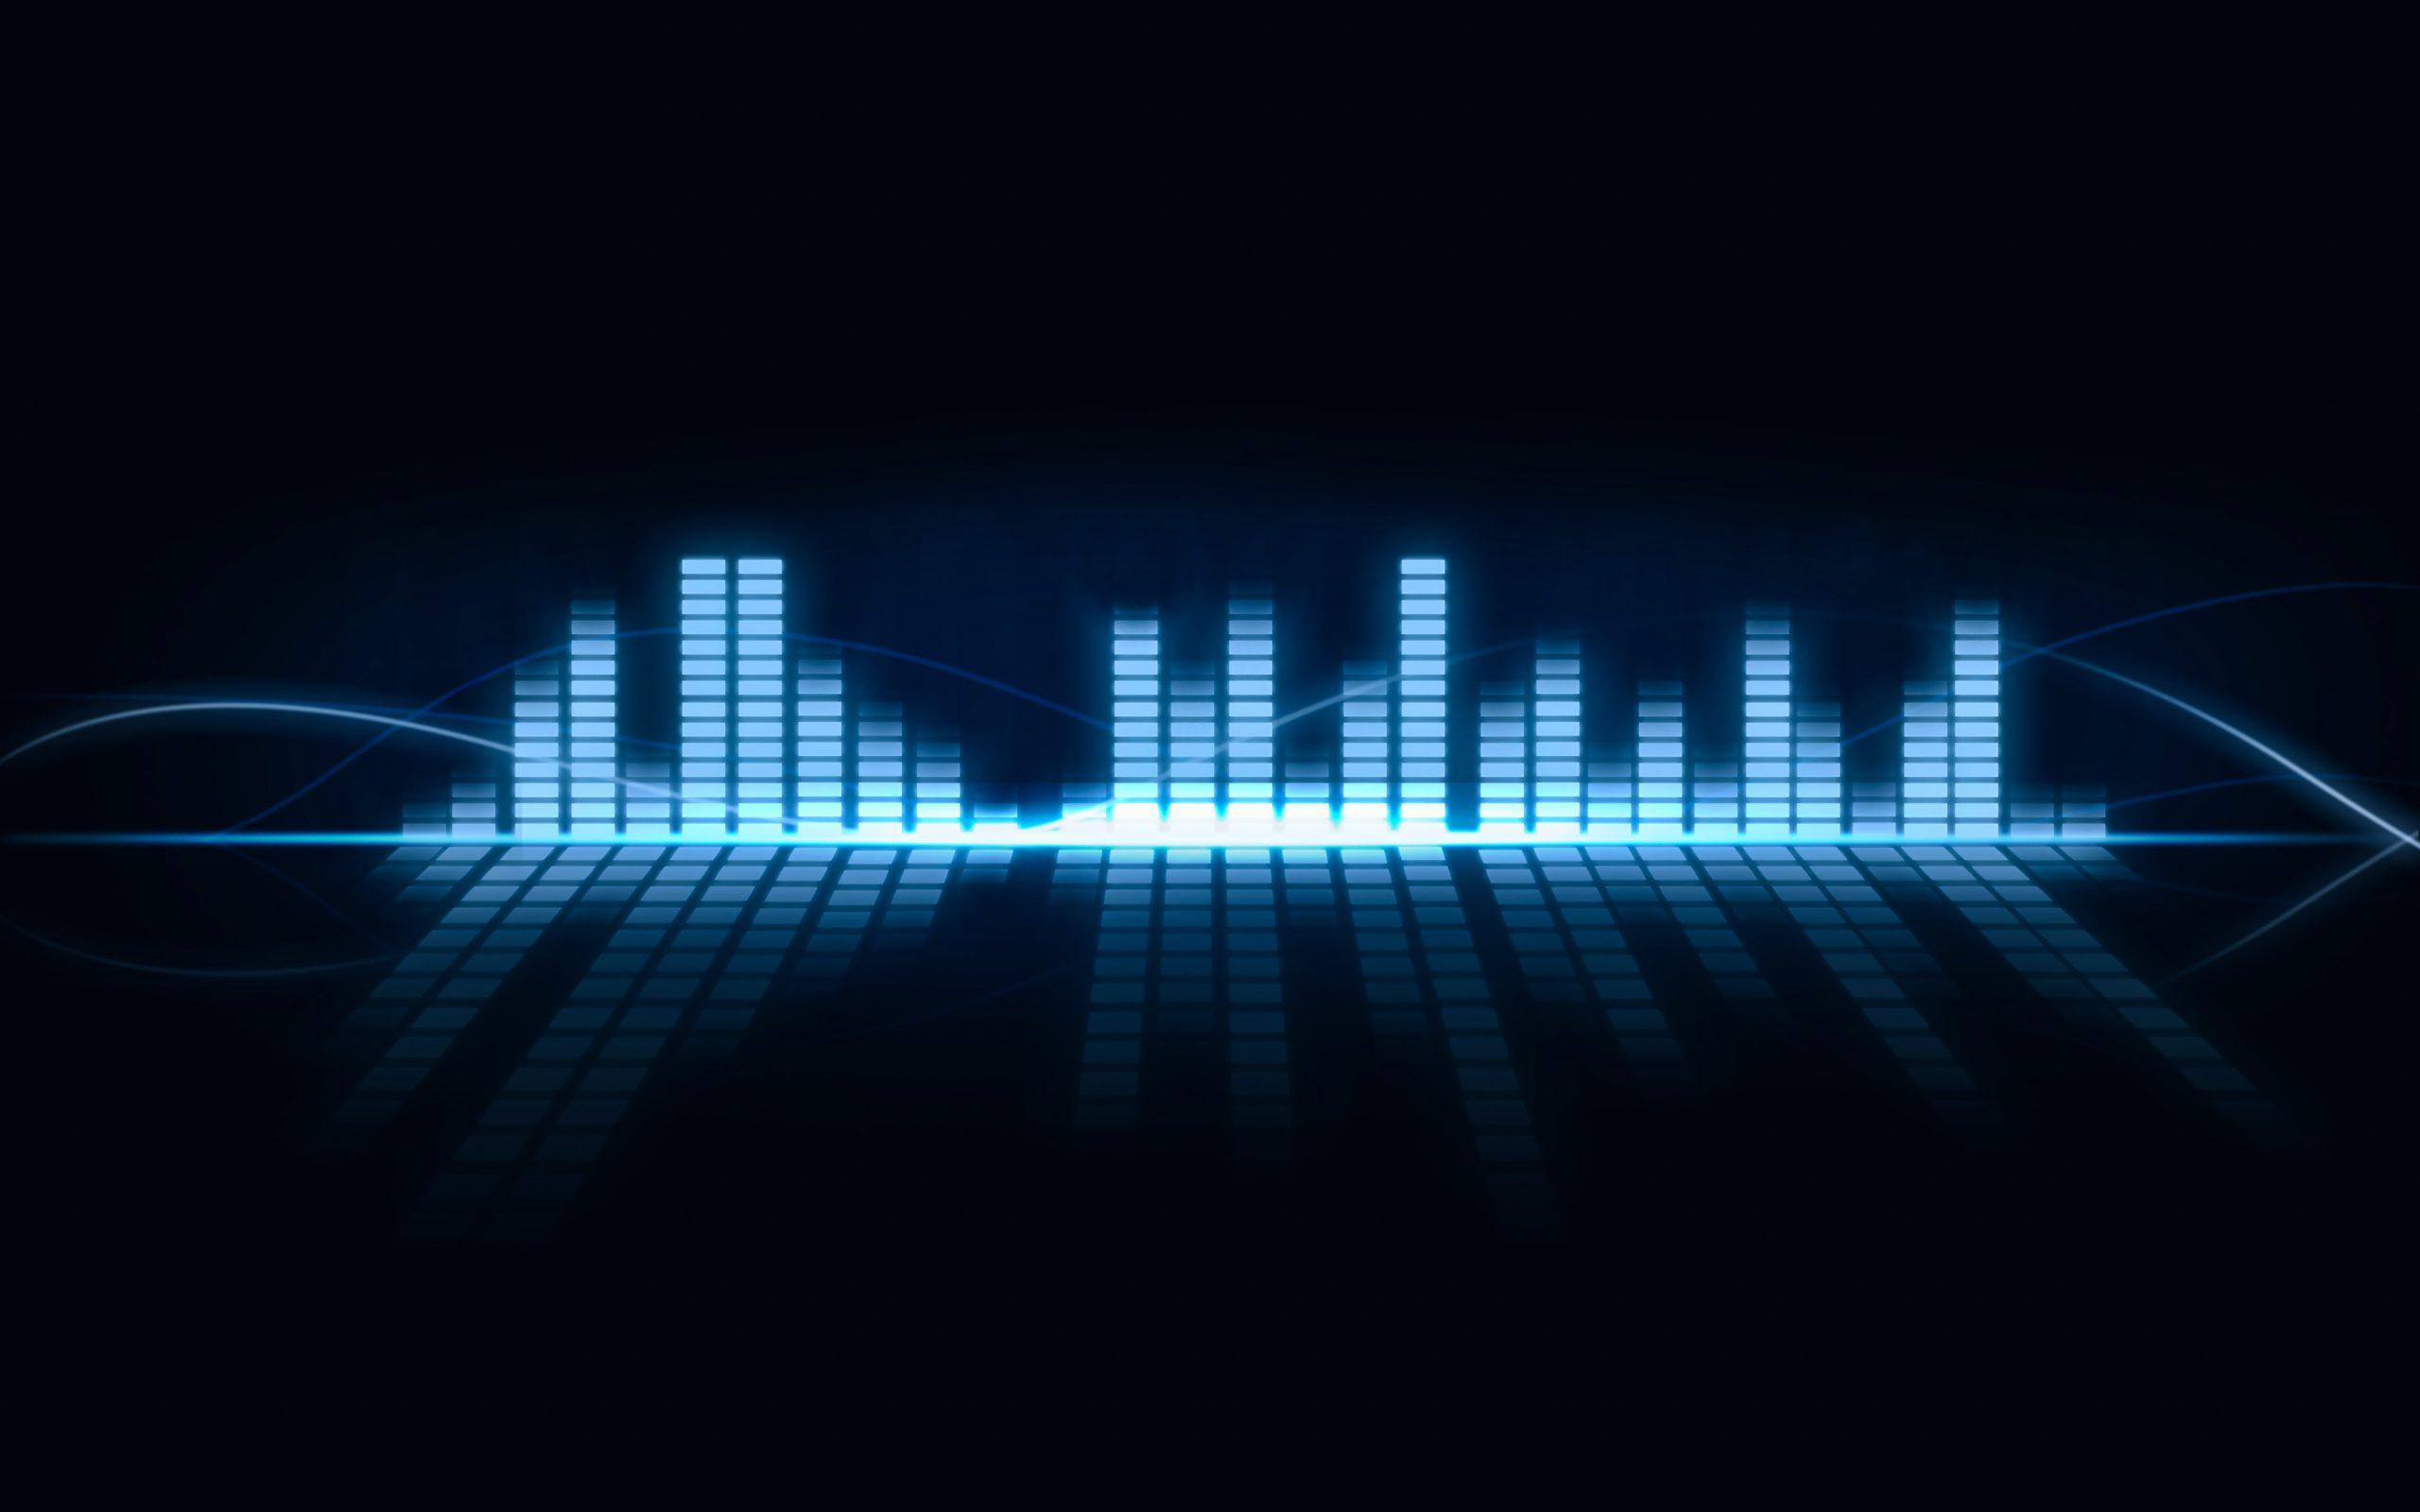 Equaliser Music Bar Blue 4k Wallpaper Best Wallpapers